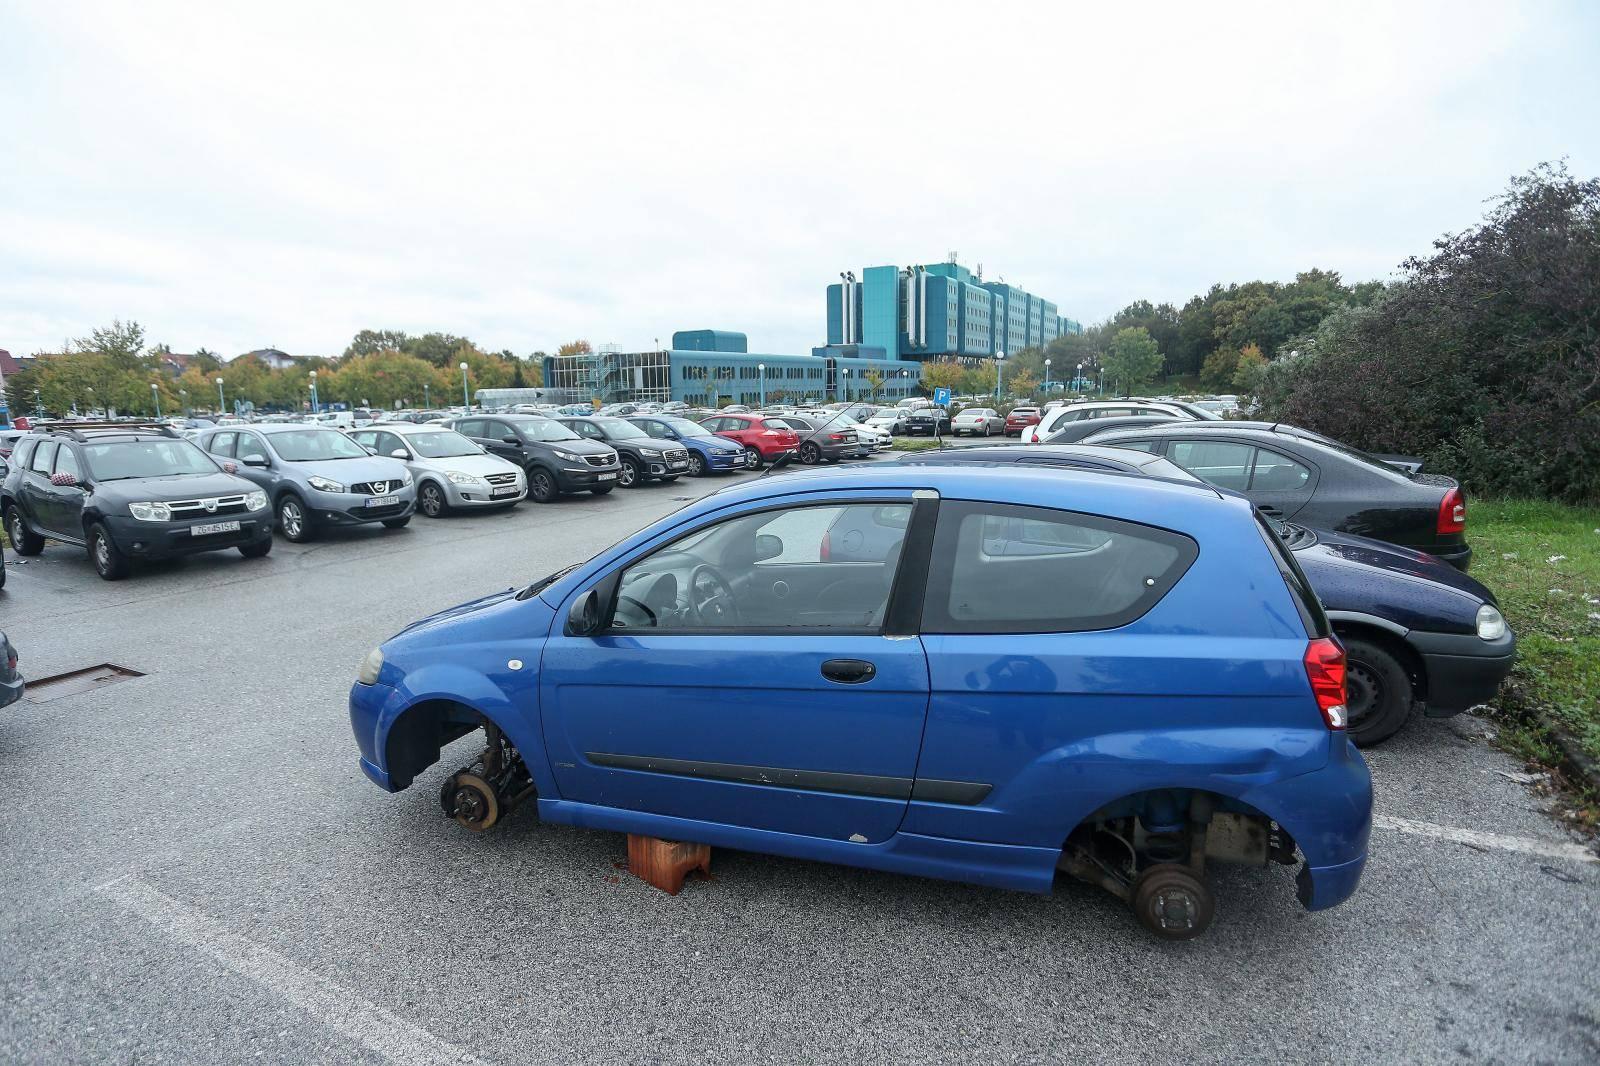 Liječnicama u Dubravi u dva su dana ukrali čak osam kotača...